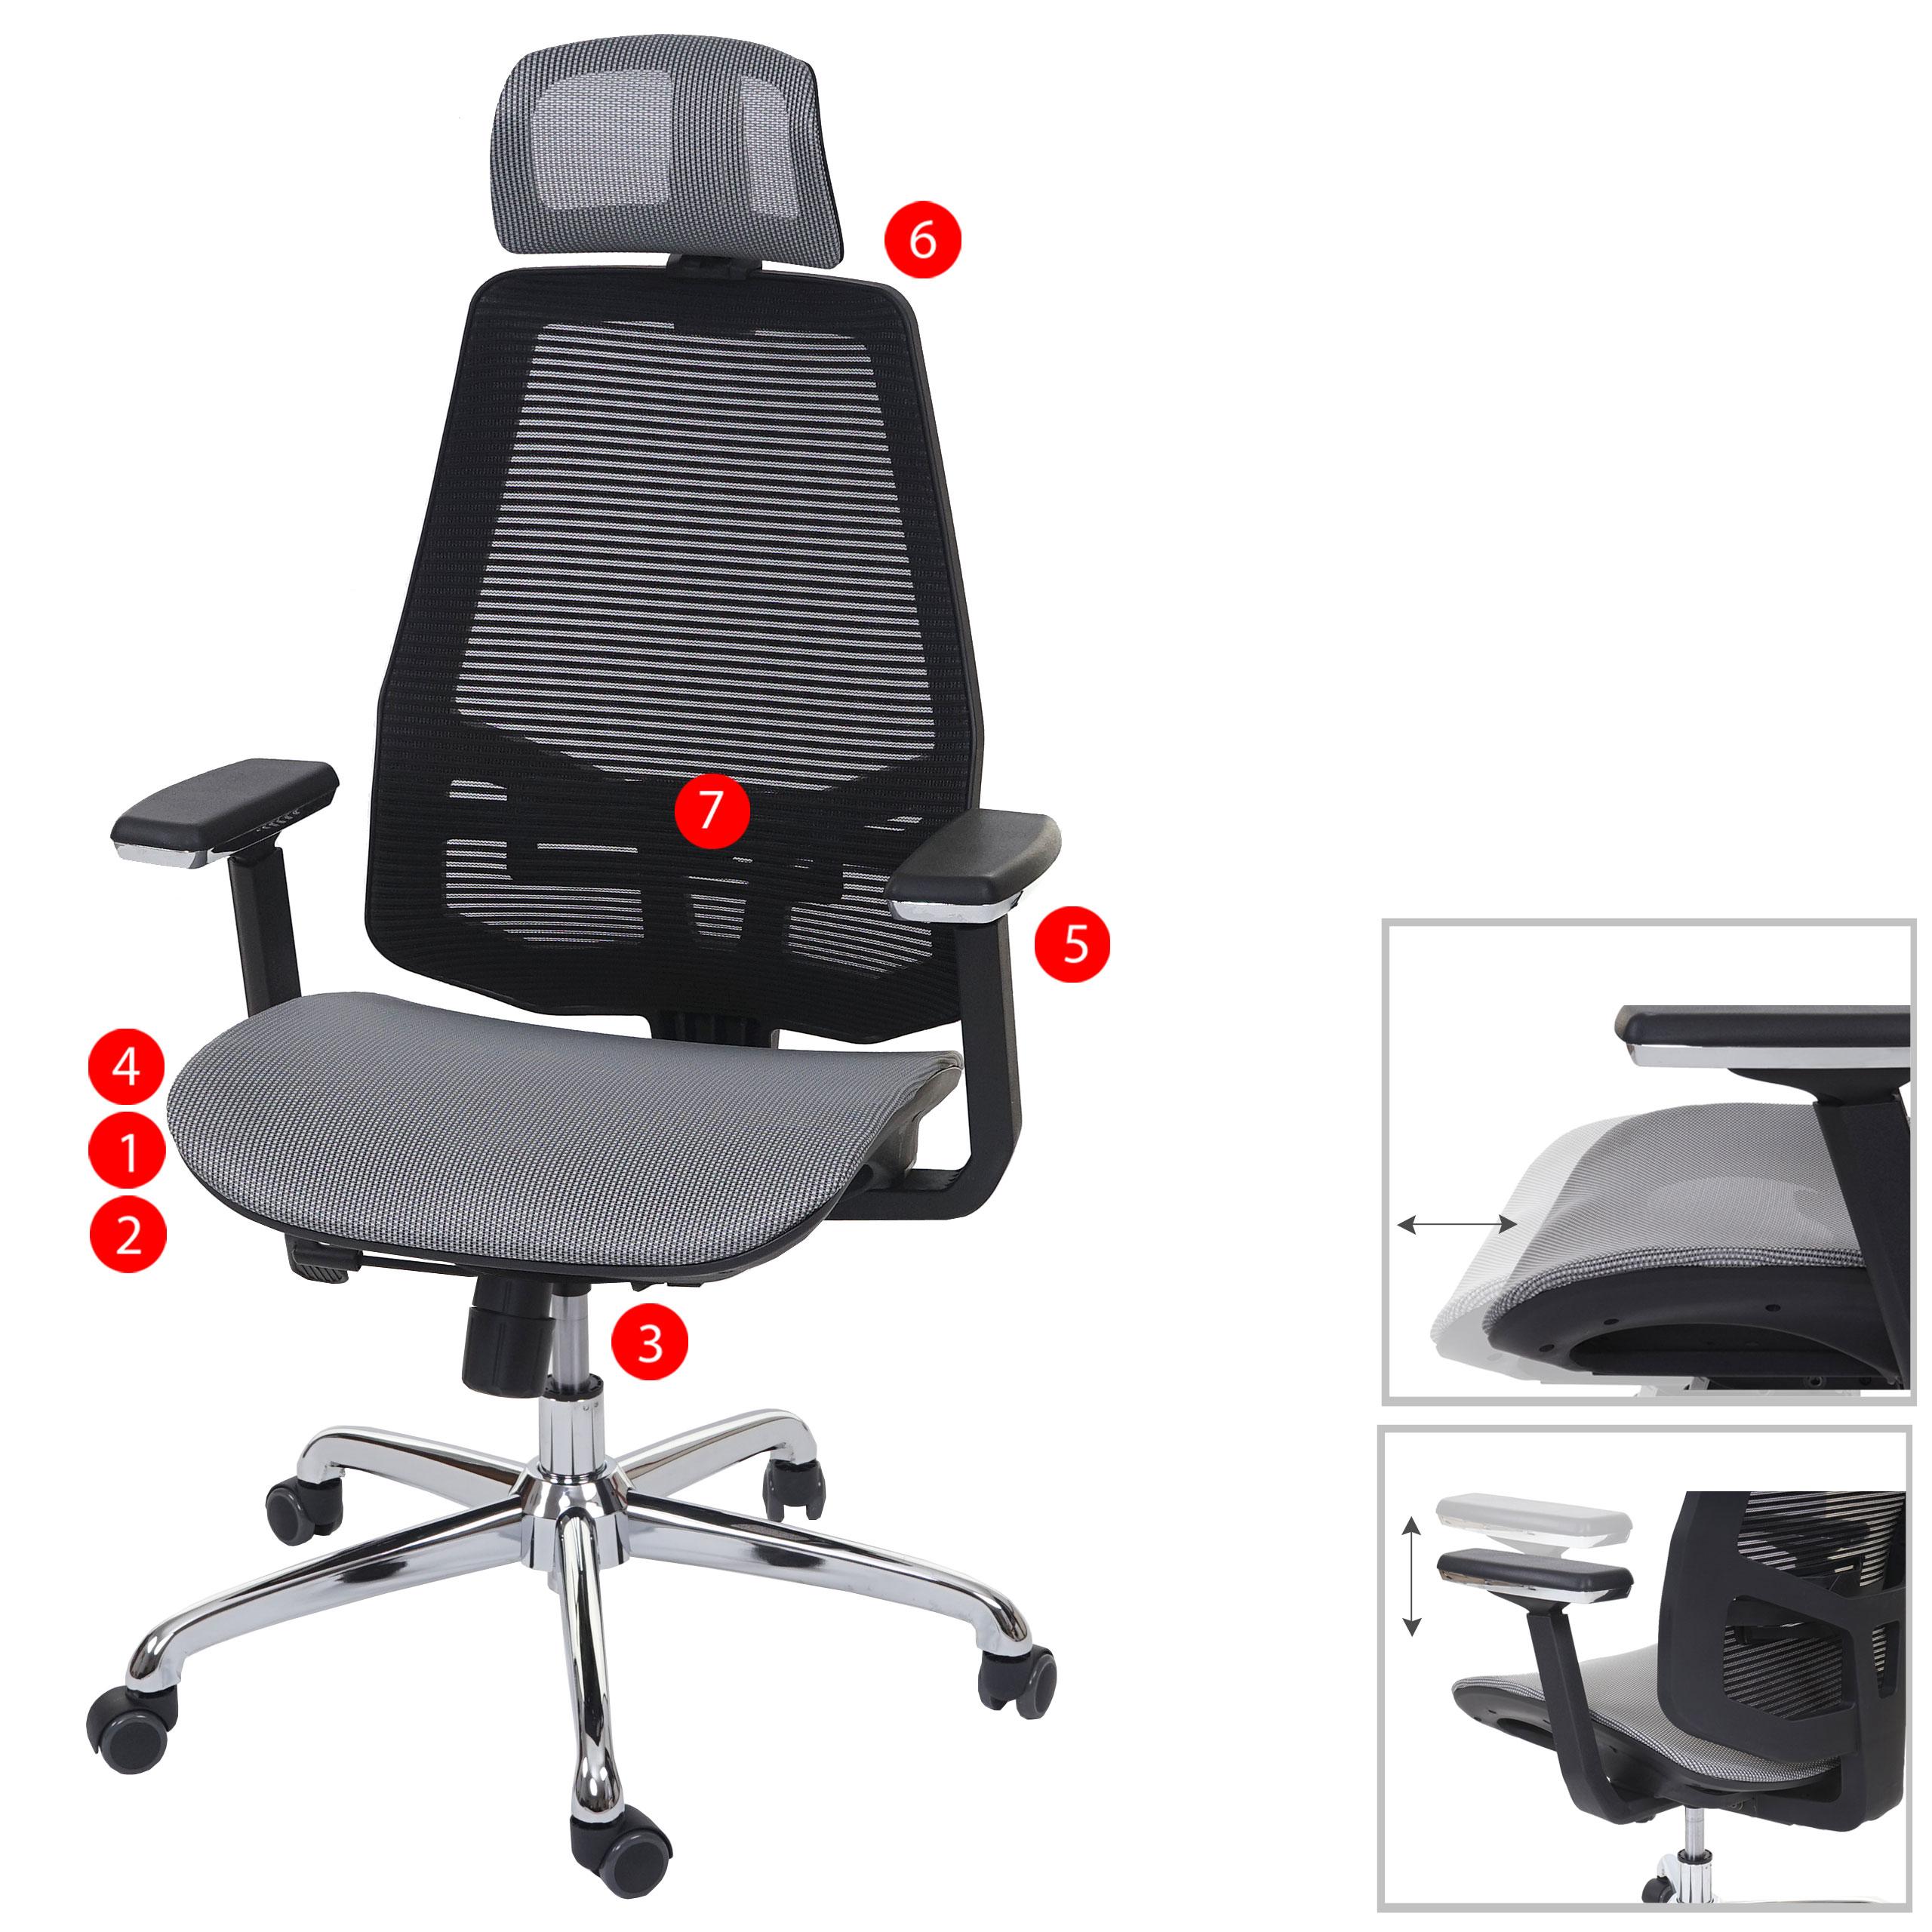 Poggiapiedi pedana scrivania ufficio T553 inclinazione regolabile MDF